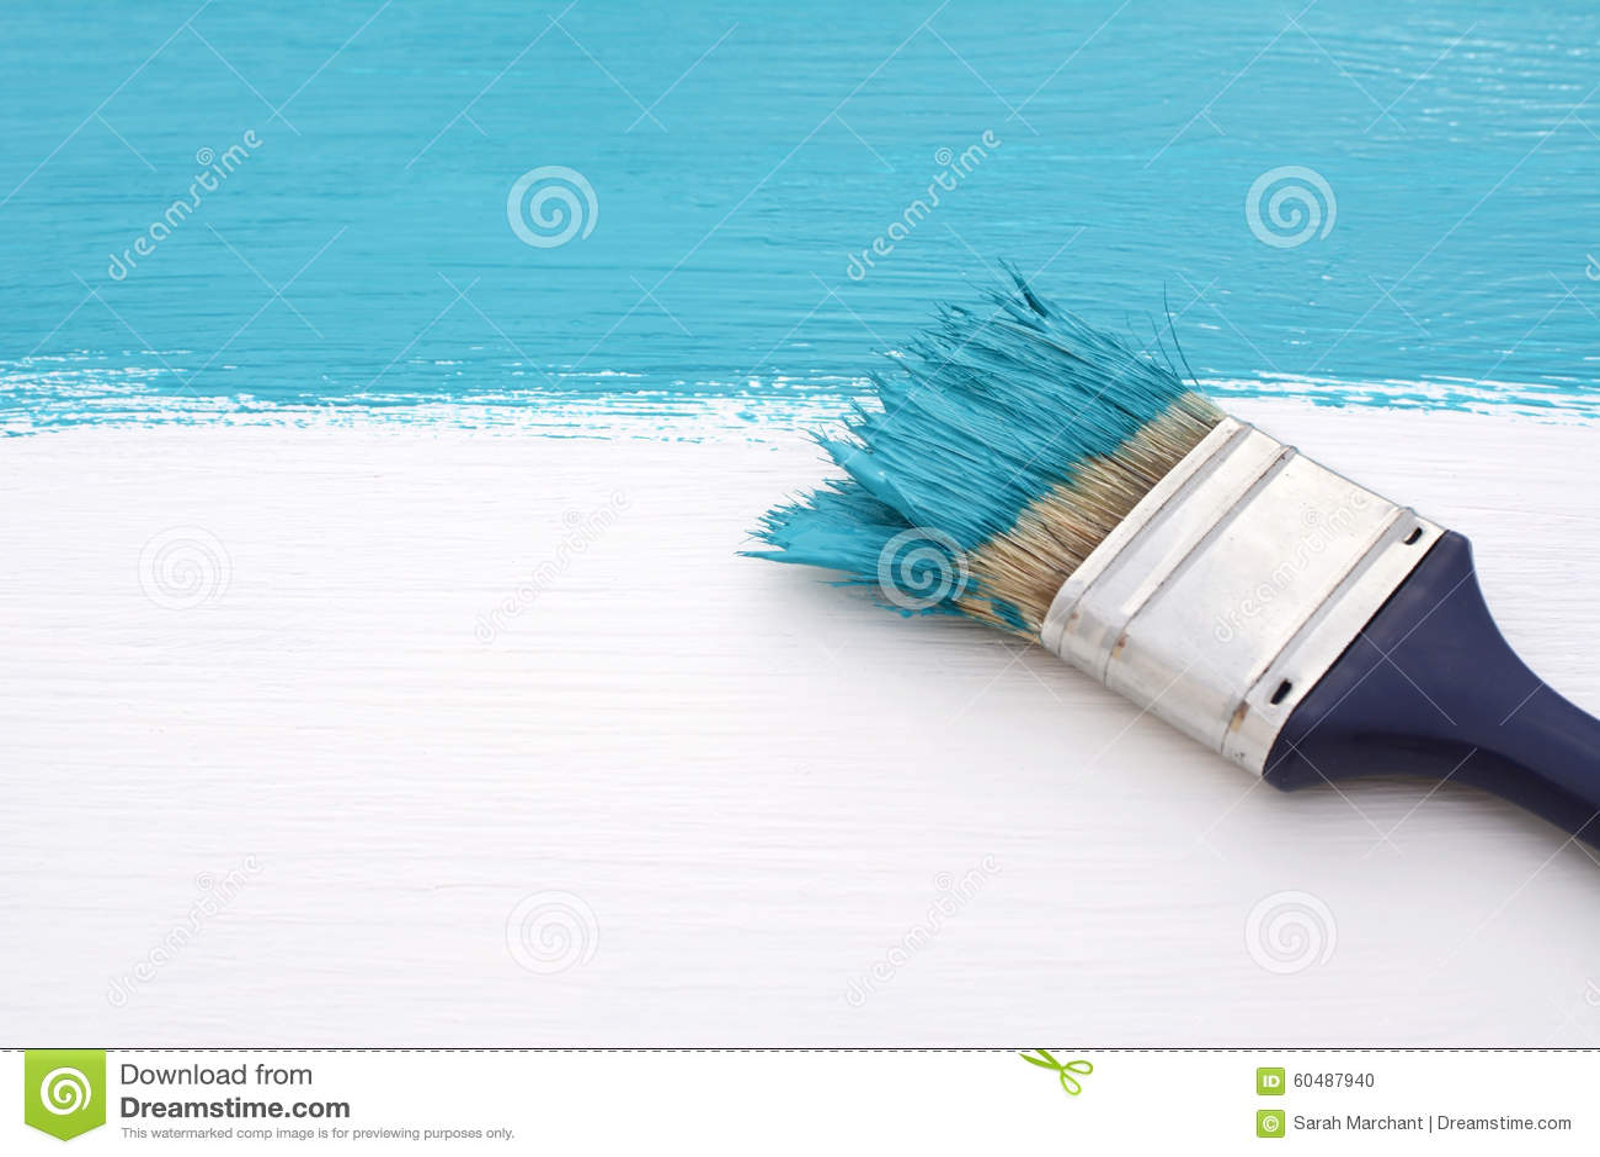 pincel pintando. pincel com a pintura azul, pintando sobre placa branca